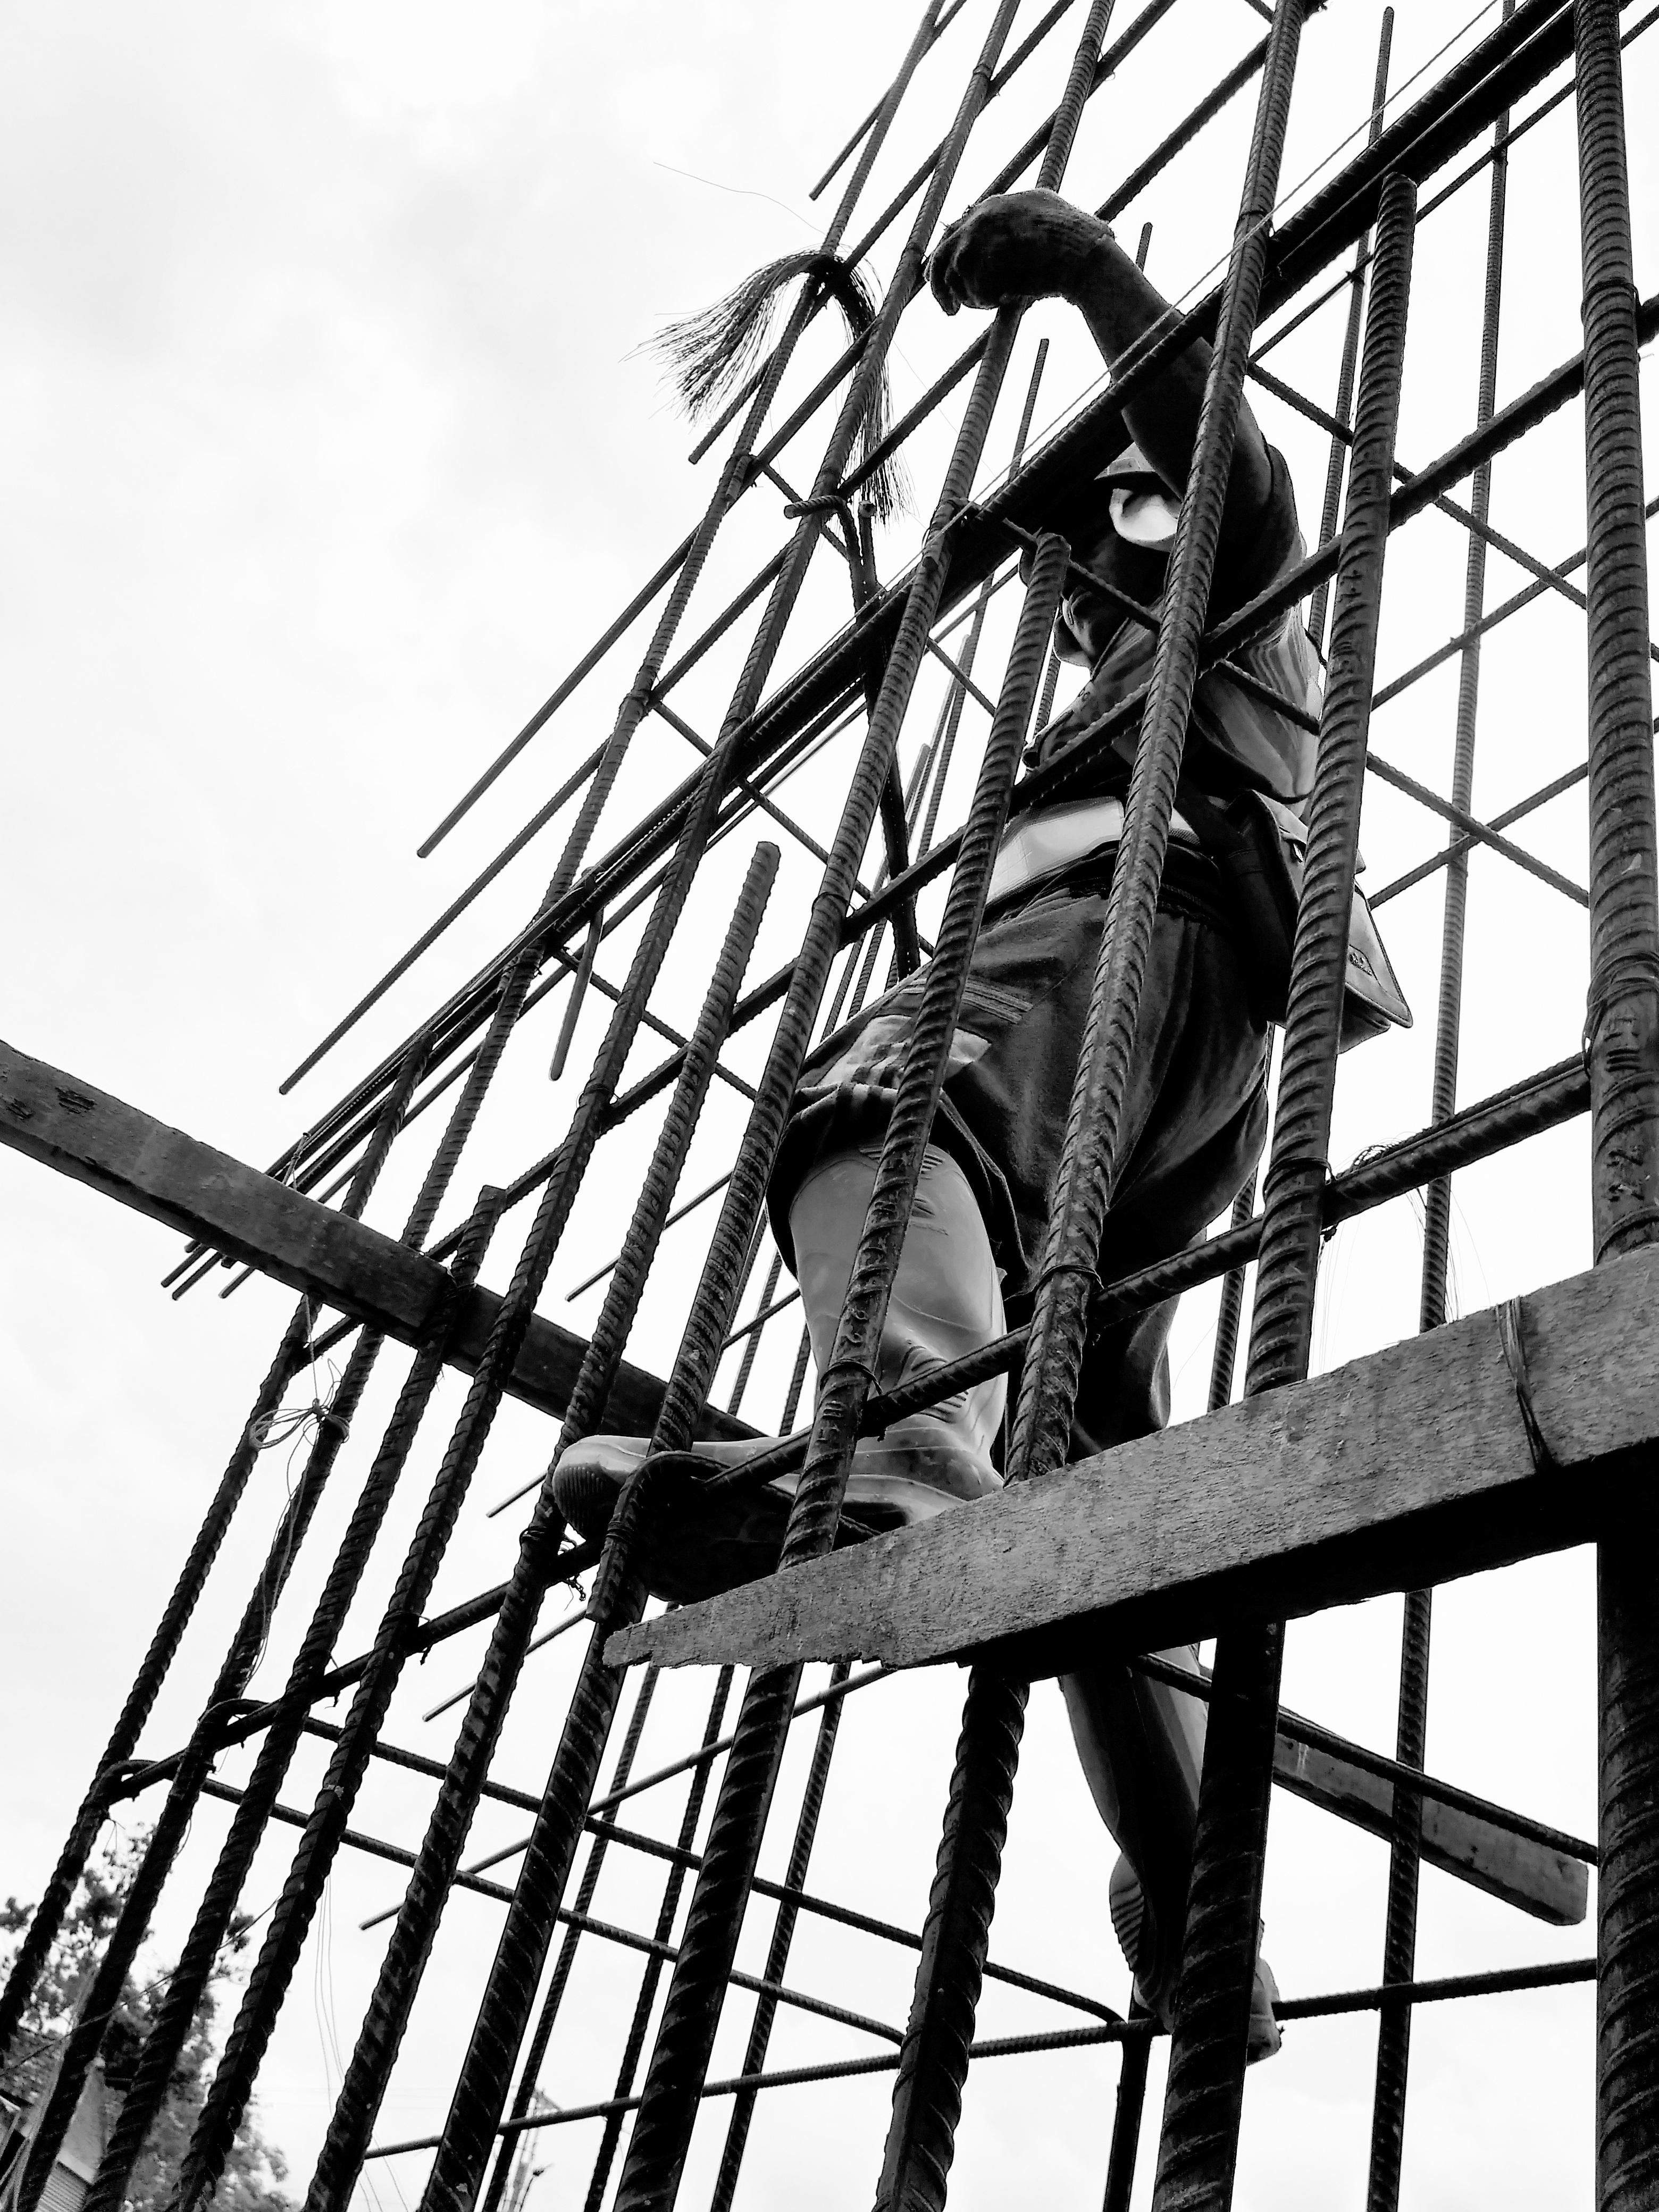 Kostenlose foto : Arbeit, Baum, Schwarz und weiß, die Architektur ...